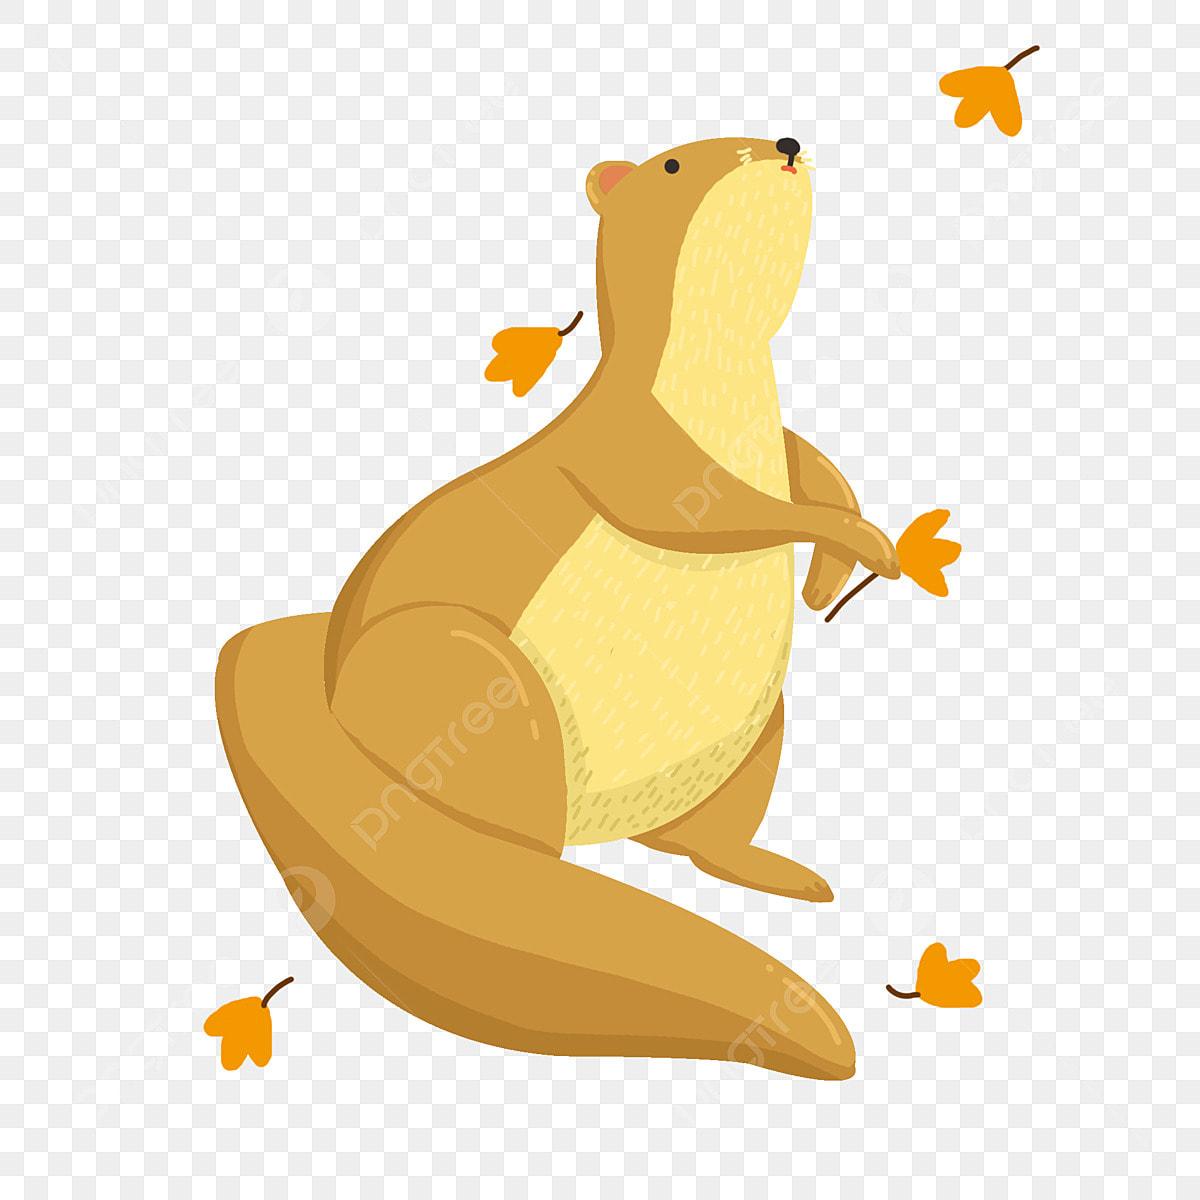 Cartoon Otter, Cartoon Clipart, Otter Illustrator, Hand